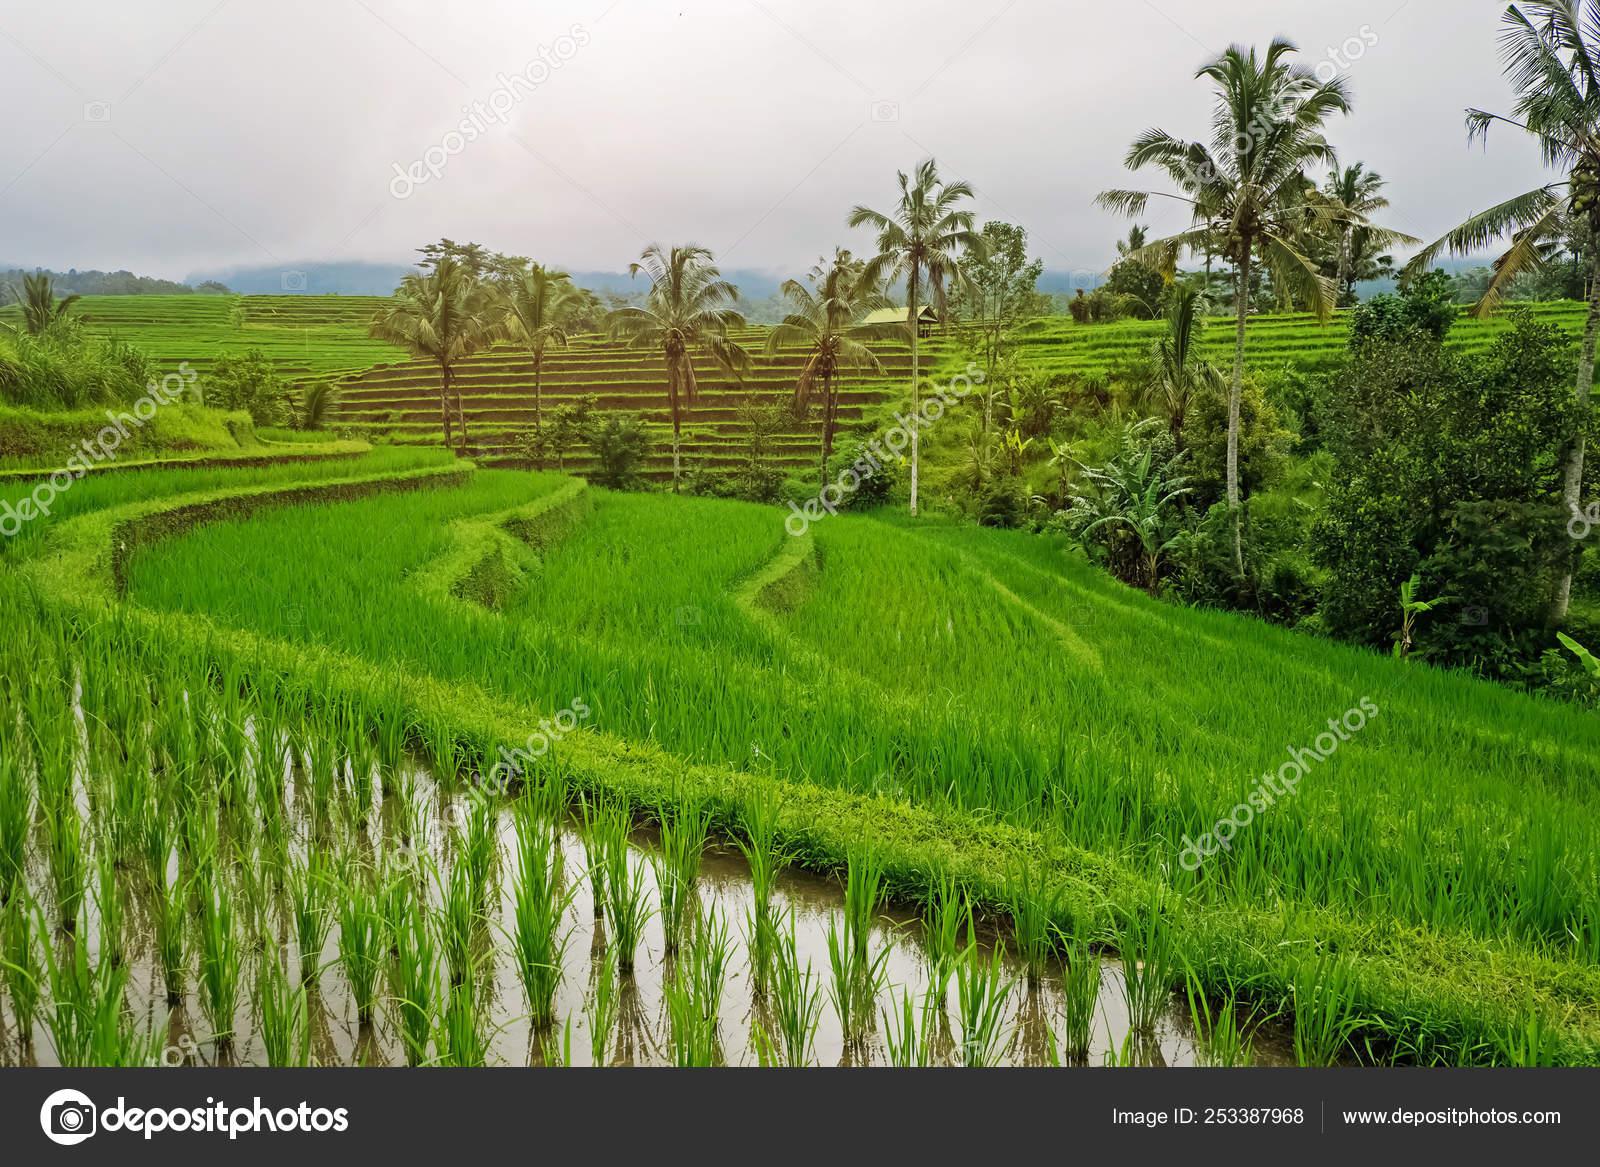 Hermosas Terrazas Con Cultivo De Arroz Foto De Stock